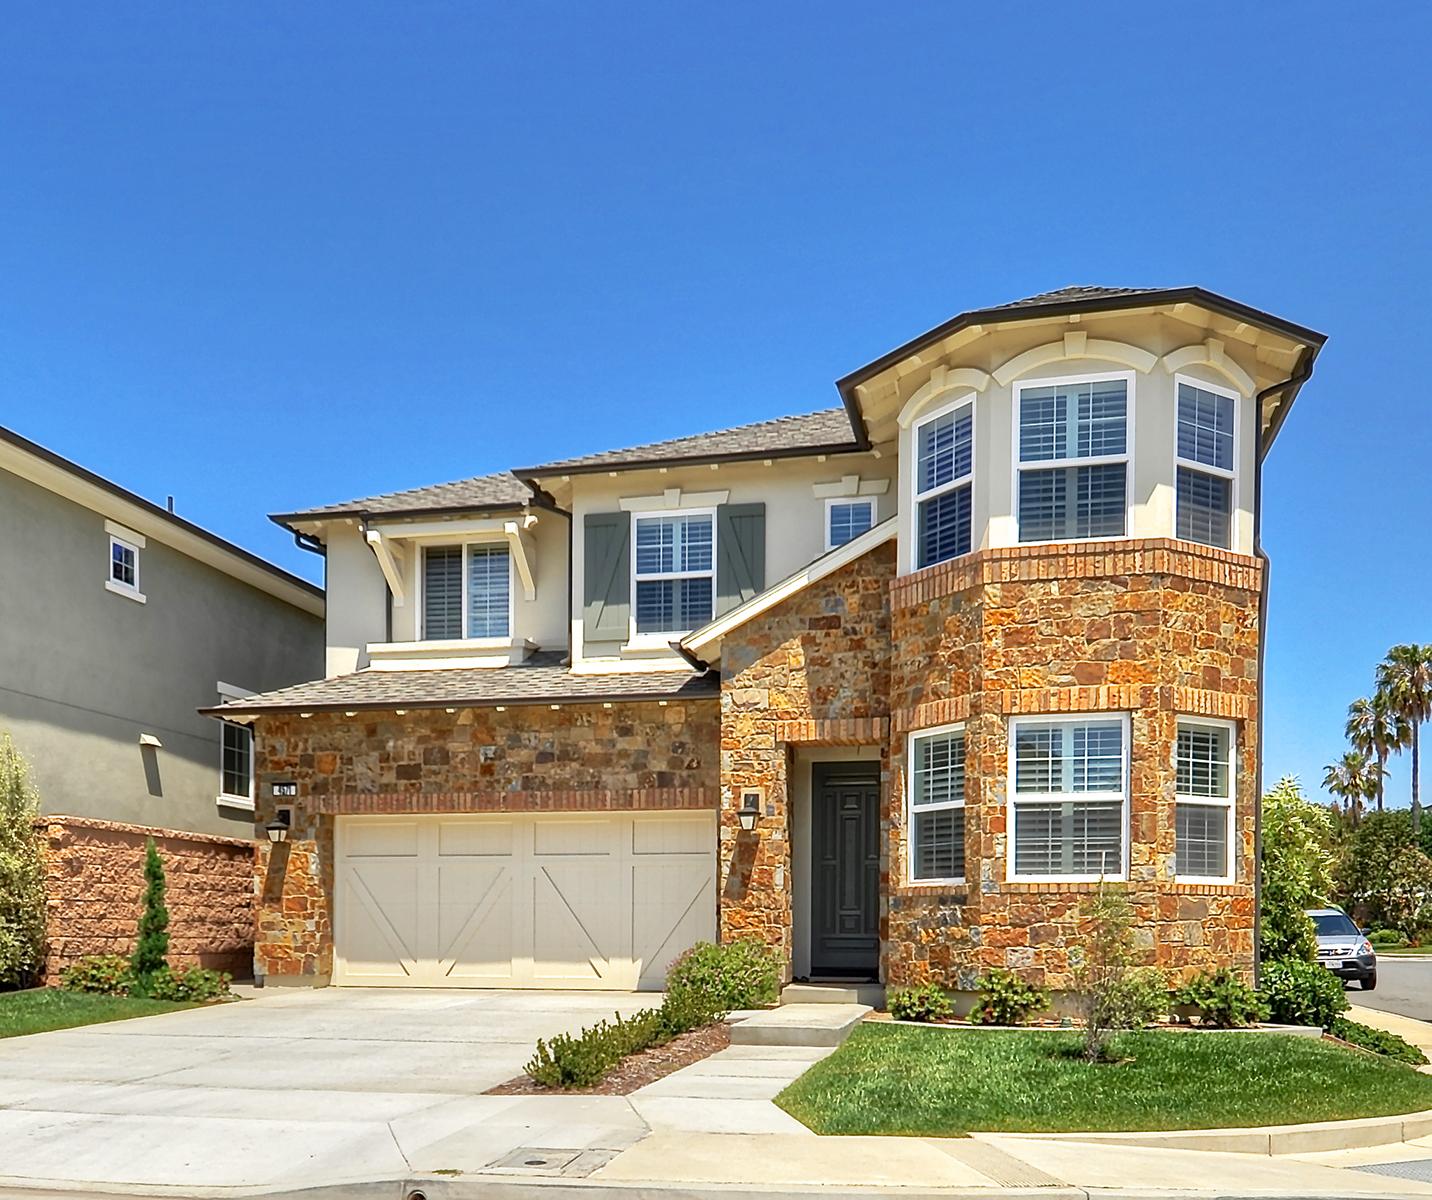 Частный односемейный дом для того Продажа на 4571 Wellfleet Huntington Beach, Калифорния, 92649 Соединенные Штаты